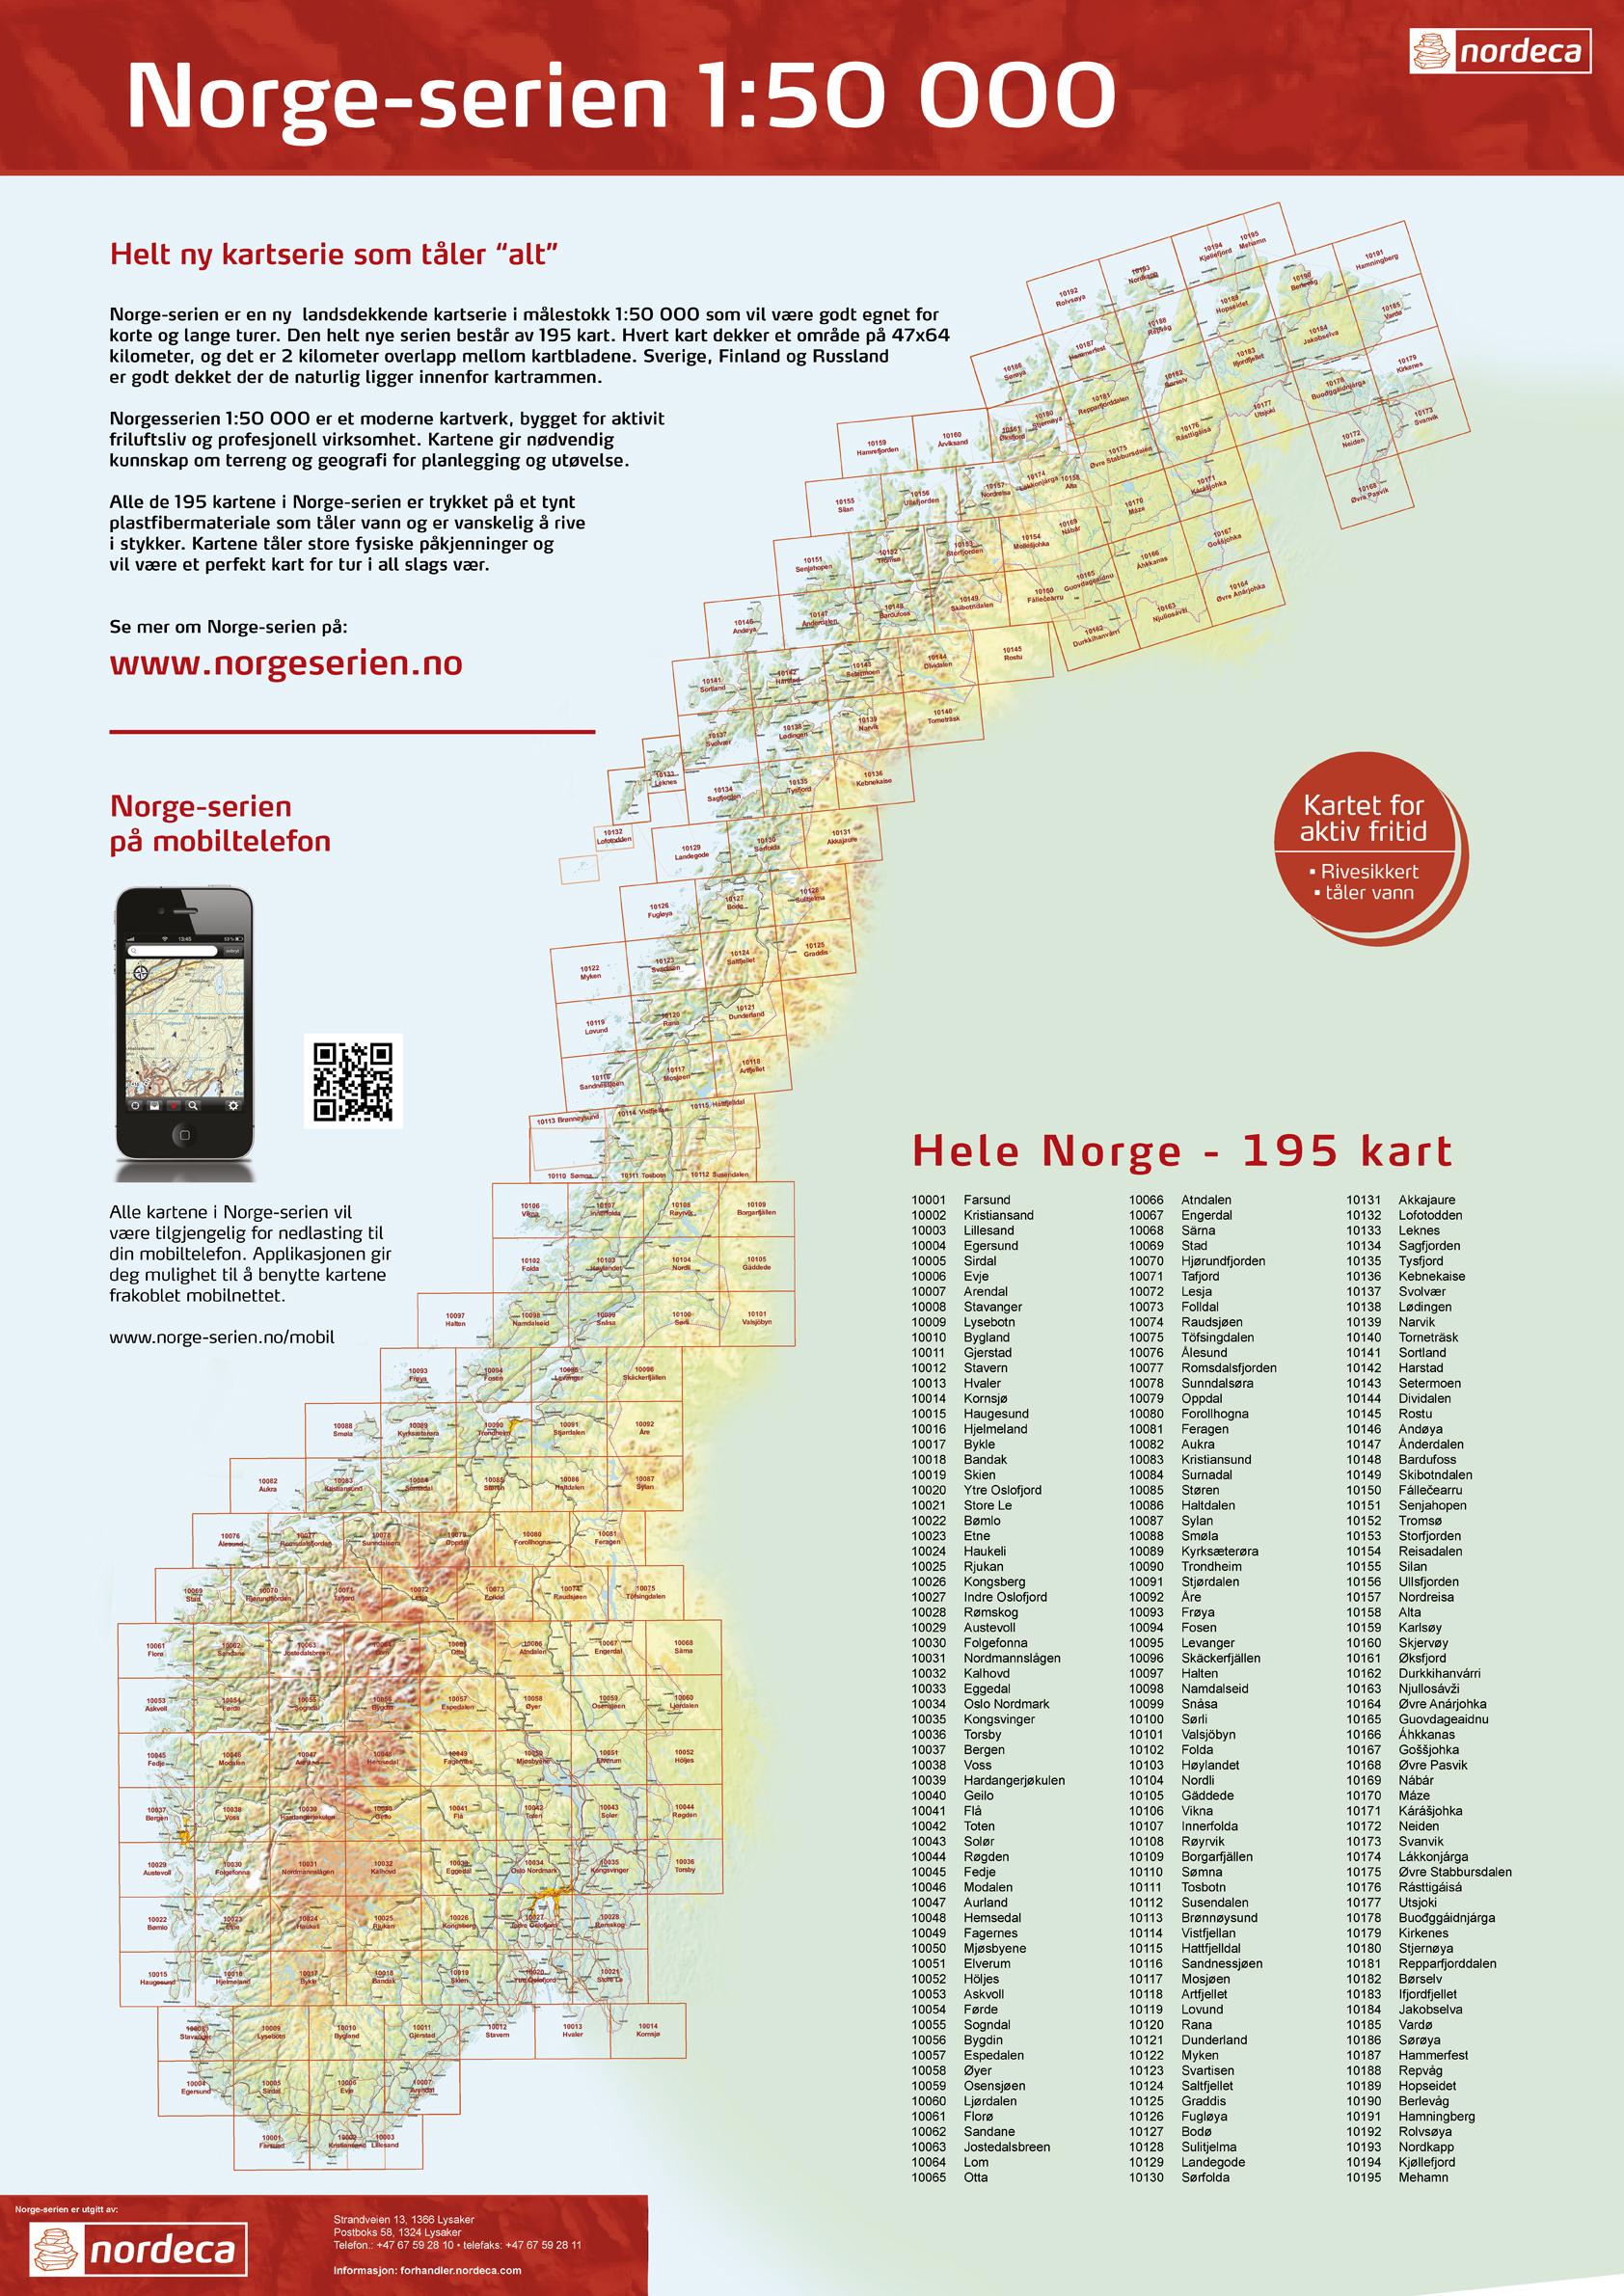 kart norge 1 50000 1:50 000 kart i Norge serien fra Natur og Fritid as kart norge 1 50000